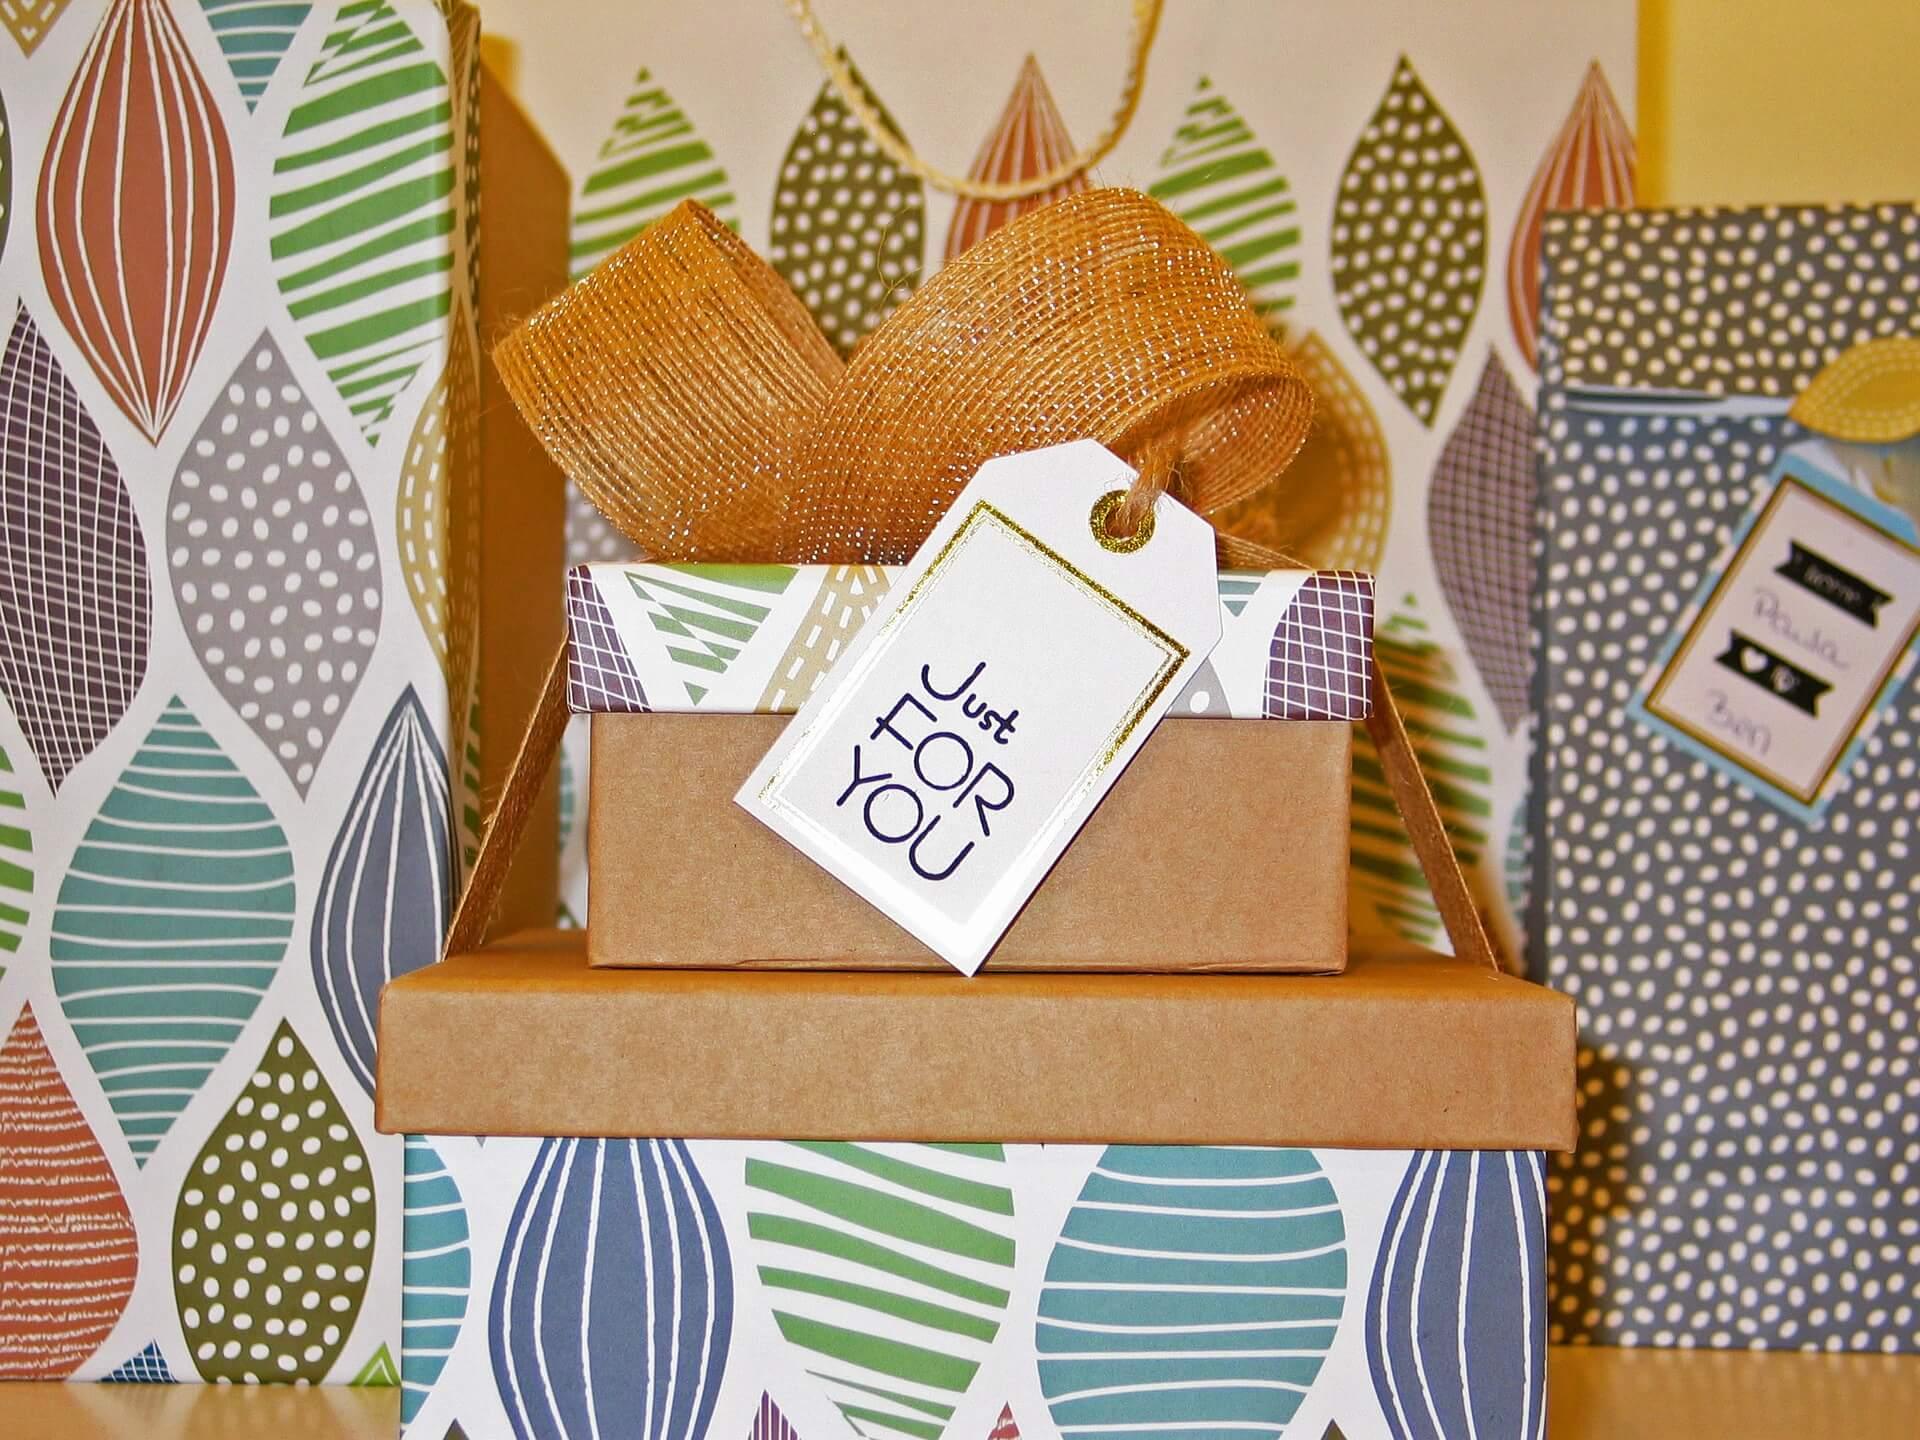 Geschenke für sich selbst sind Lucky Bags